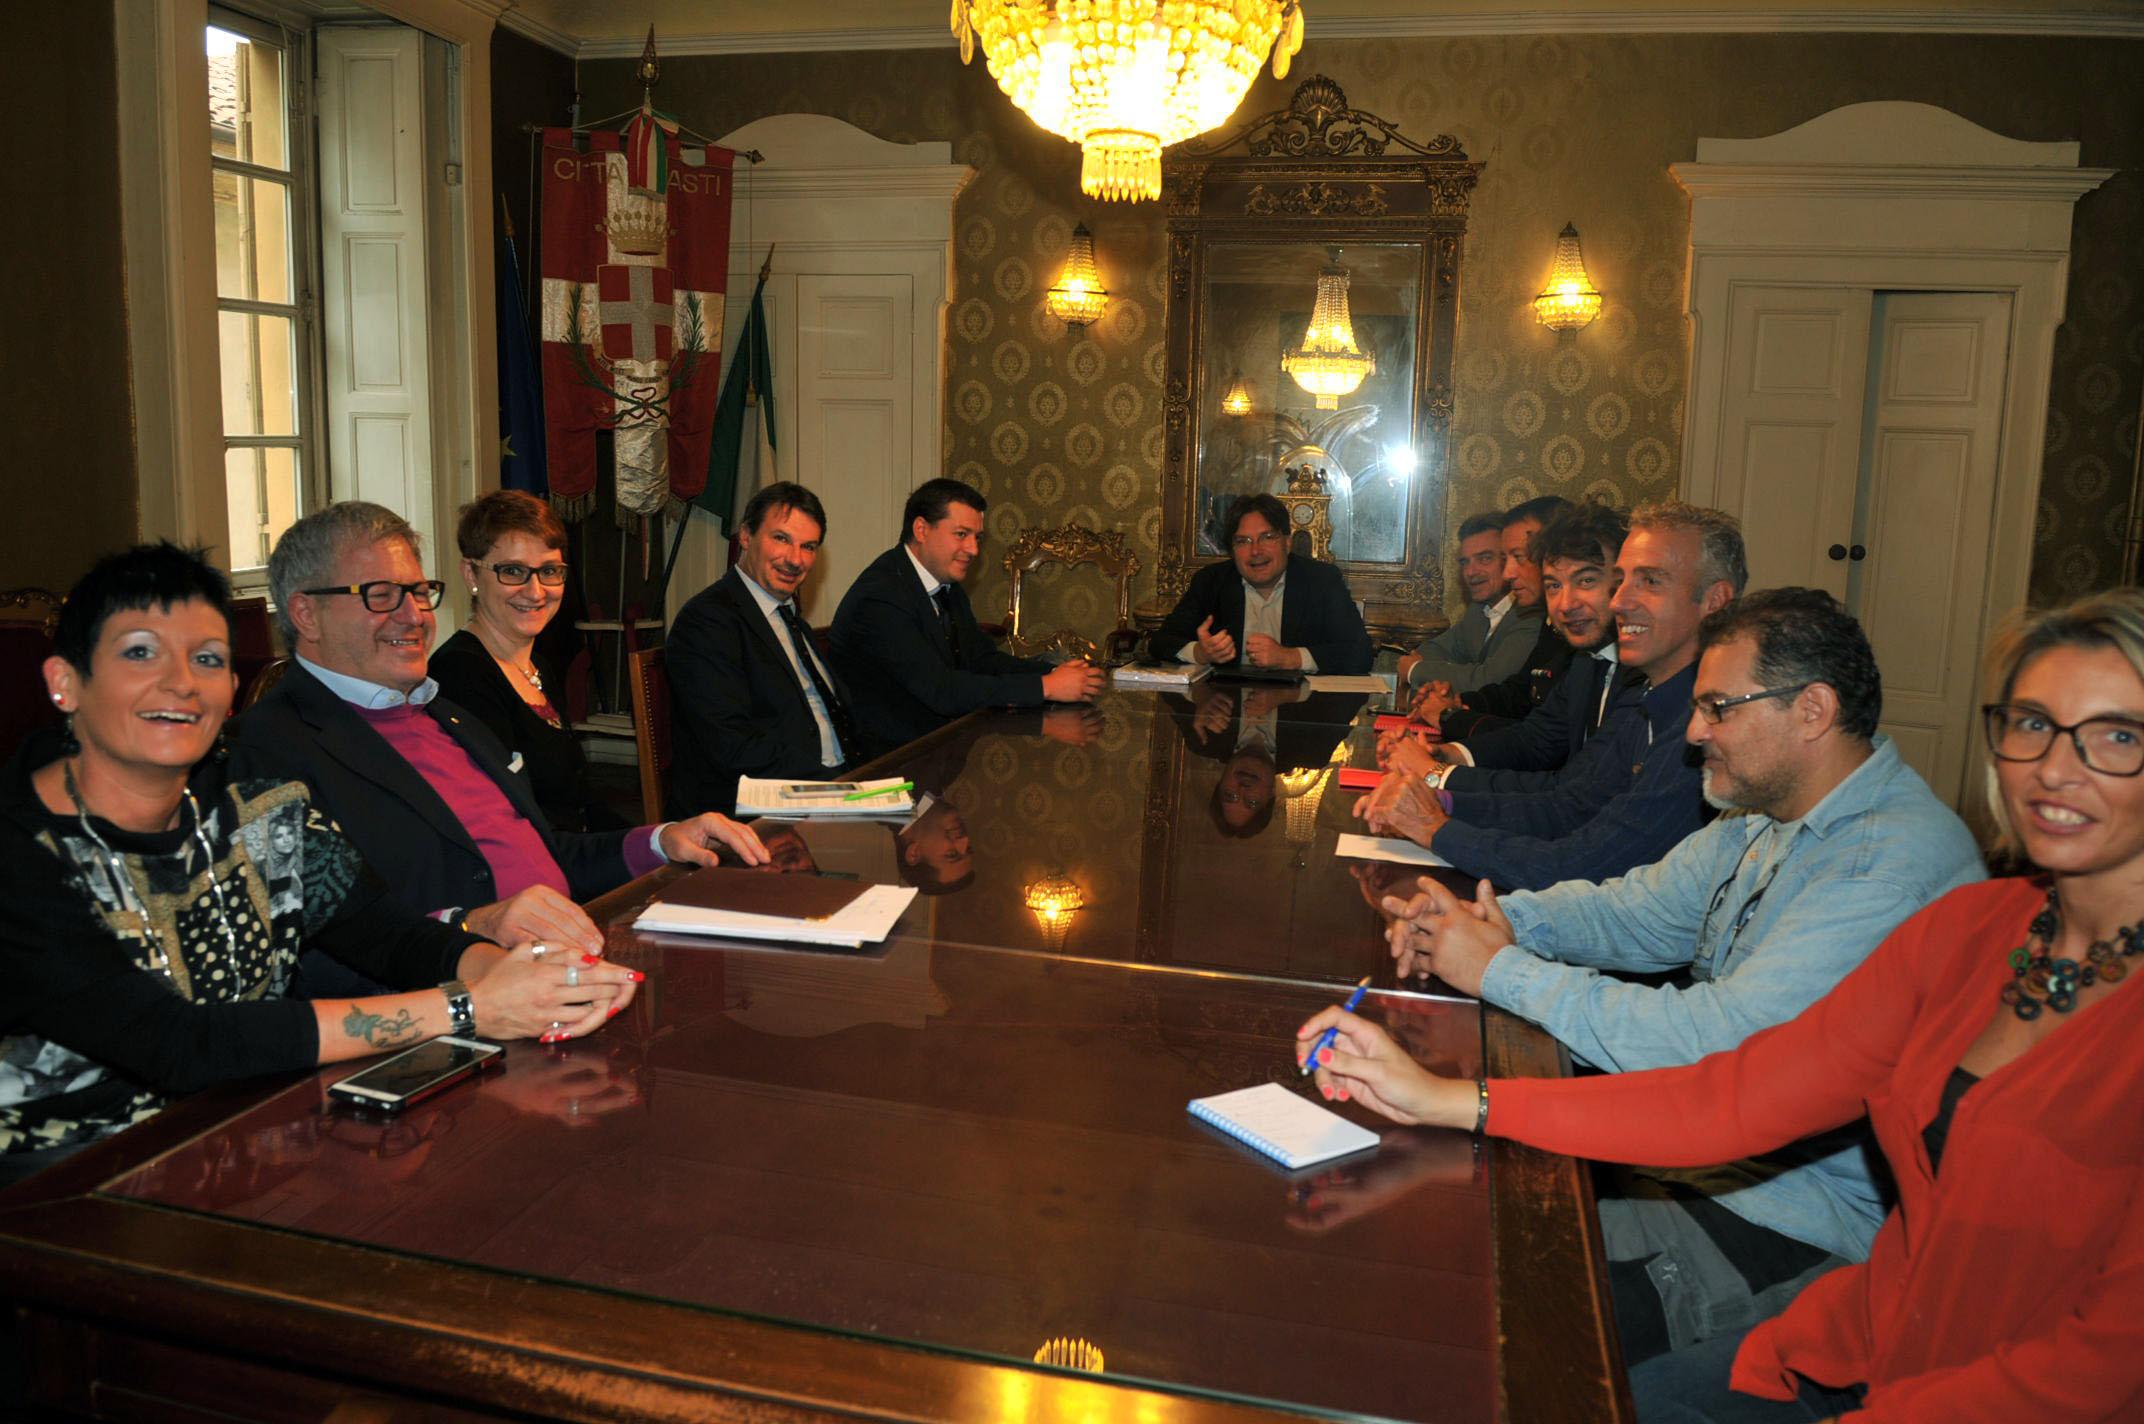 Censimento delle telecamere private e videosorveglianza condominiale: incontro tra sindaco di Asti, installatori e amministratori di condominio